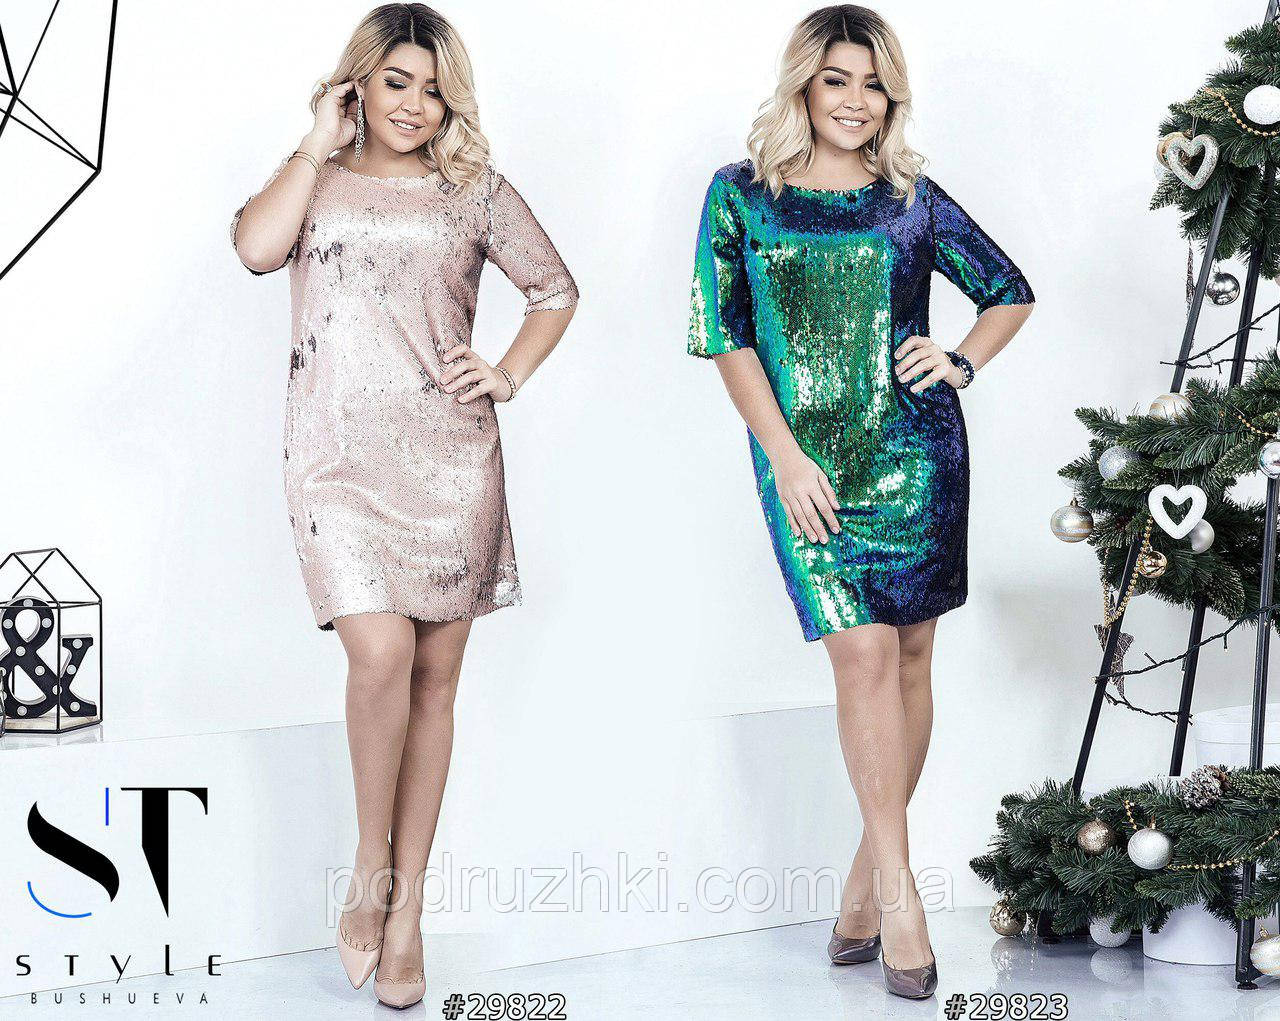 b0d019ae83c Женское платье вечернее с пайетками (2 расцветки)  продажа